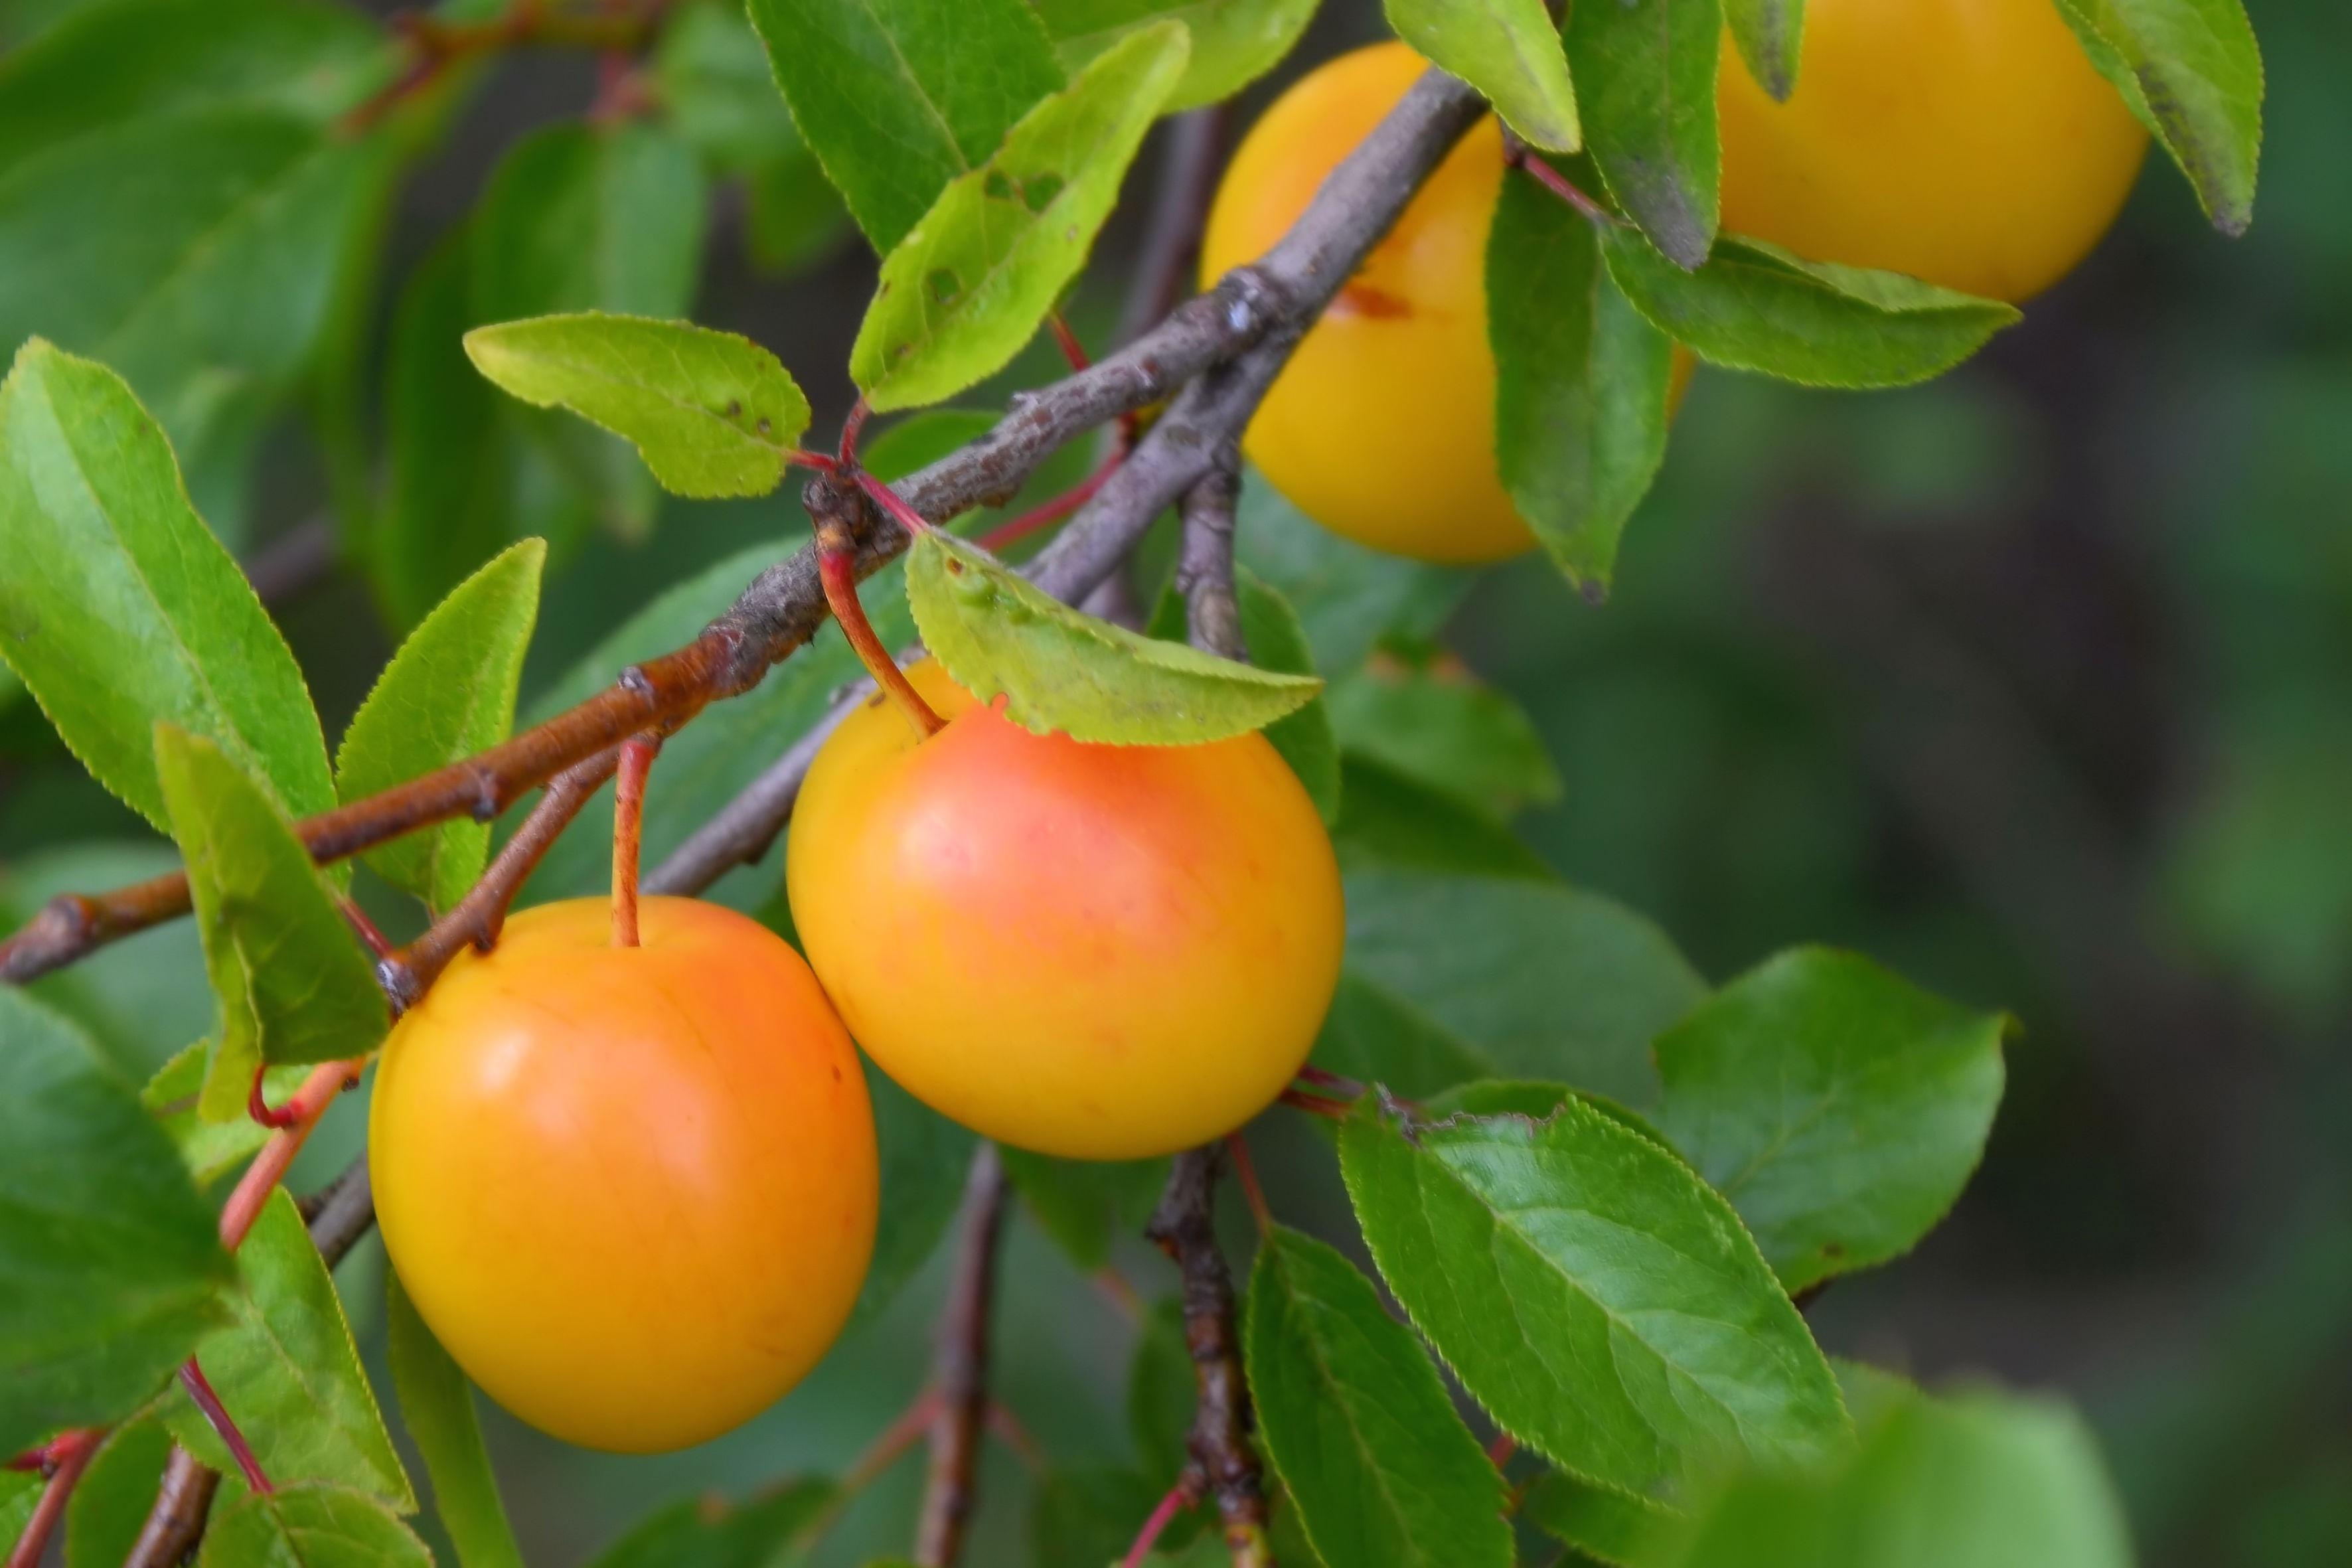 125927 Hintergrundbild herunterladen Lebensmittel, Obst, Plum, Ast, Zweig, Frucht, Reif - Bildschirmschoner und Bilder kostenlos